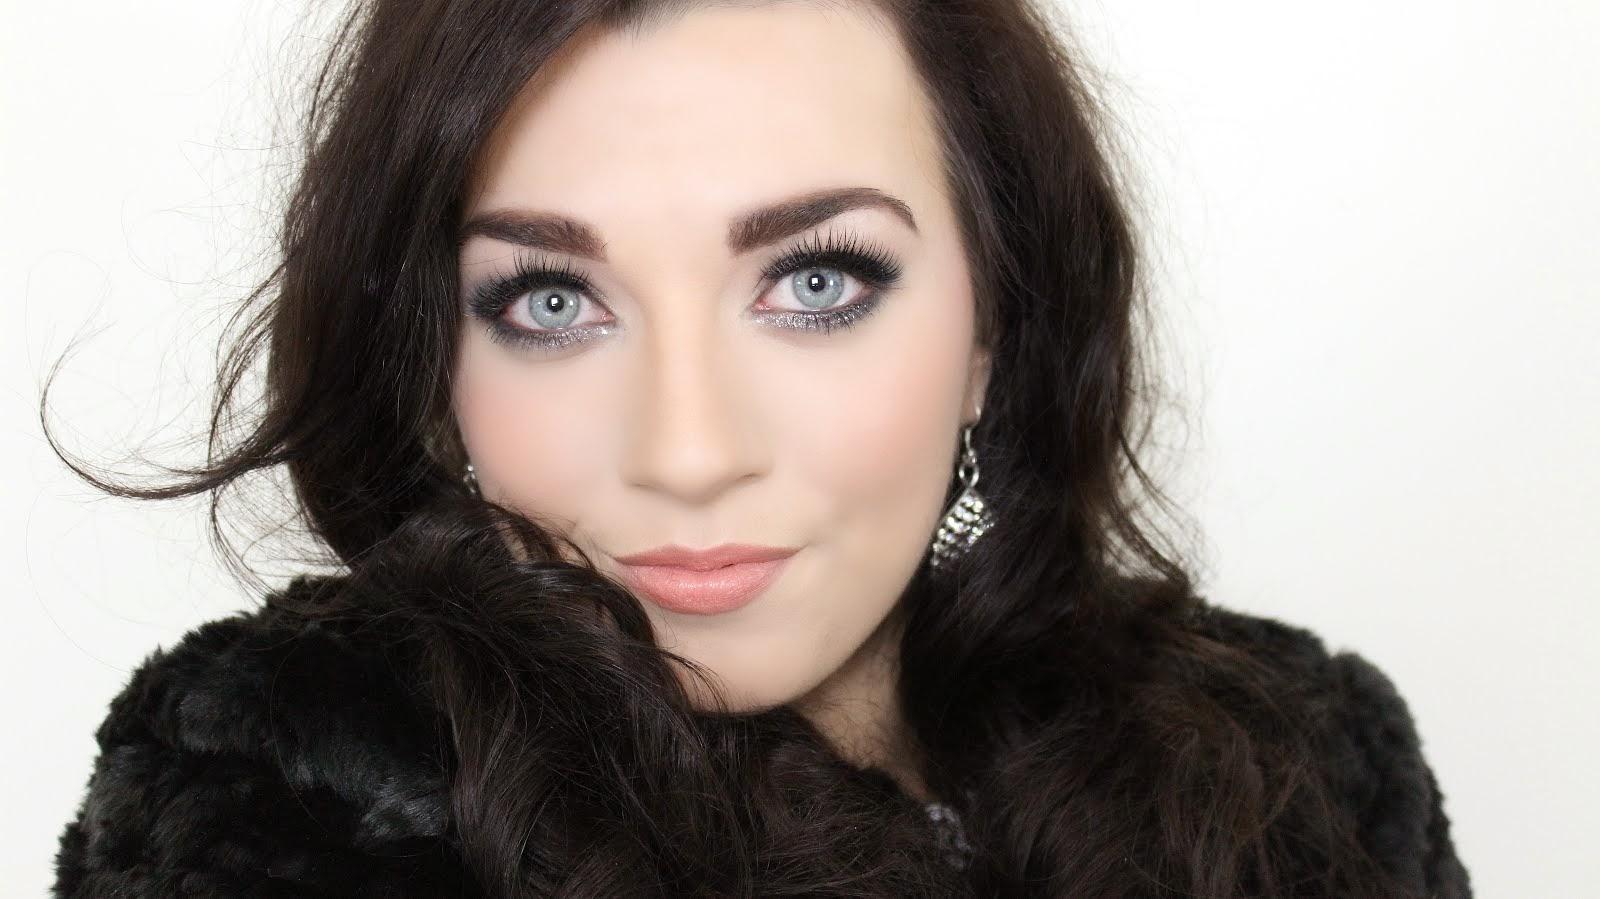 Makeupbysaz